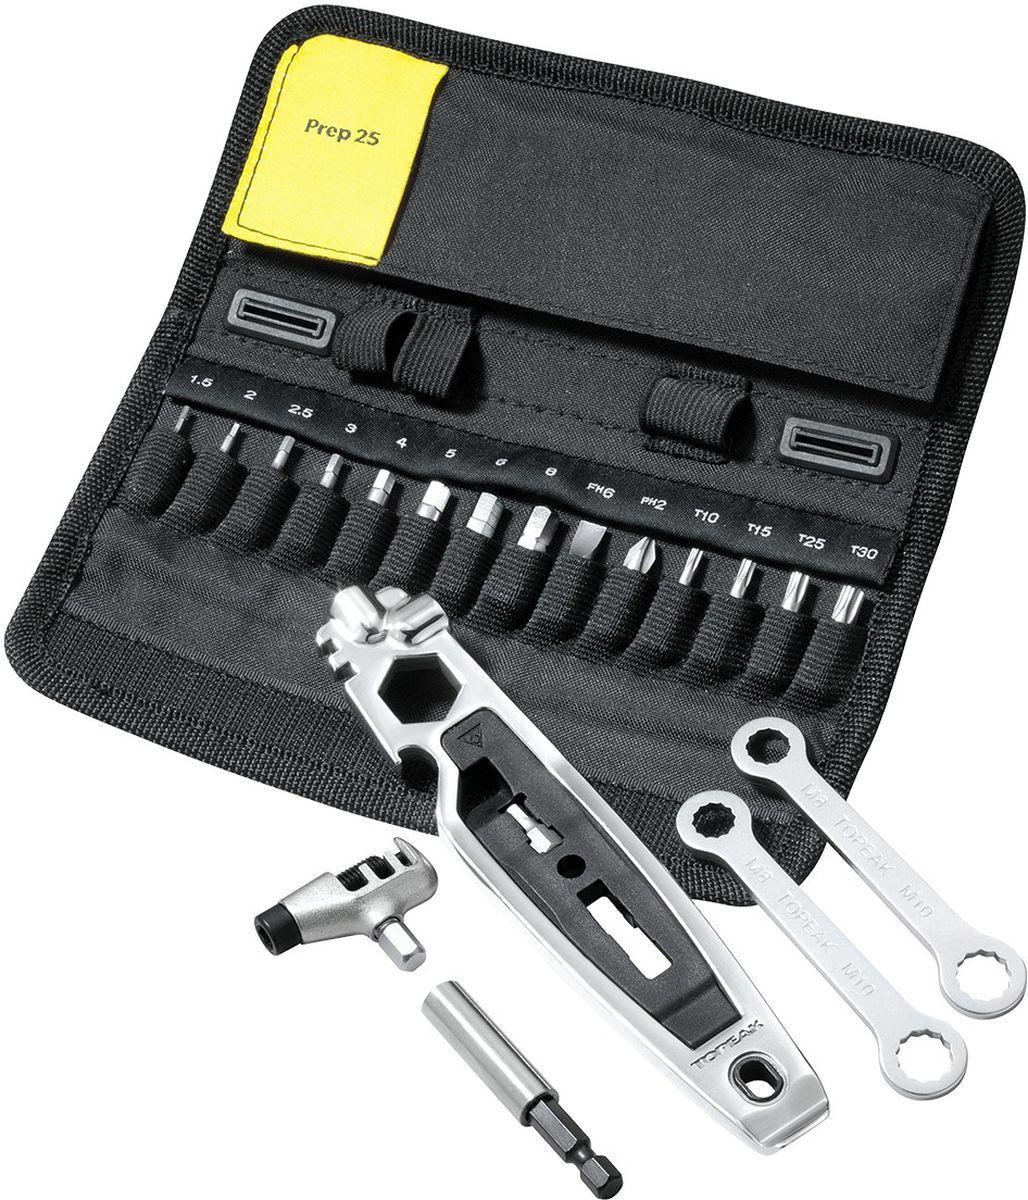 Набор инструментов TOPEAK Prep 25, в кейсе, 28 функцийTT2553Универсальный набор инструментов для домашнего ремонта велосипеда. 28 функций. Компактный нейлоновый кейс. Крепление на велосипед. Набор включает многофункциональную выжимку цепи. Количество инструментов (функций) - 28. Шестигранники - 1.5/2/2.5/3/4/5/6/8мм. Torx® - T10/T15/T25/T30. Спицевые ключи - 14 г/15 г. Отдельный набор для ремонта цепи из Cr-Mo стали. Монтажки 1х металлическая, 1х пластиковая. Отвертки - Phillips (крестовая) и плоская. Открывашка для бутылок из Cro-Mo стали. Многофункциональная выжимка цепи.